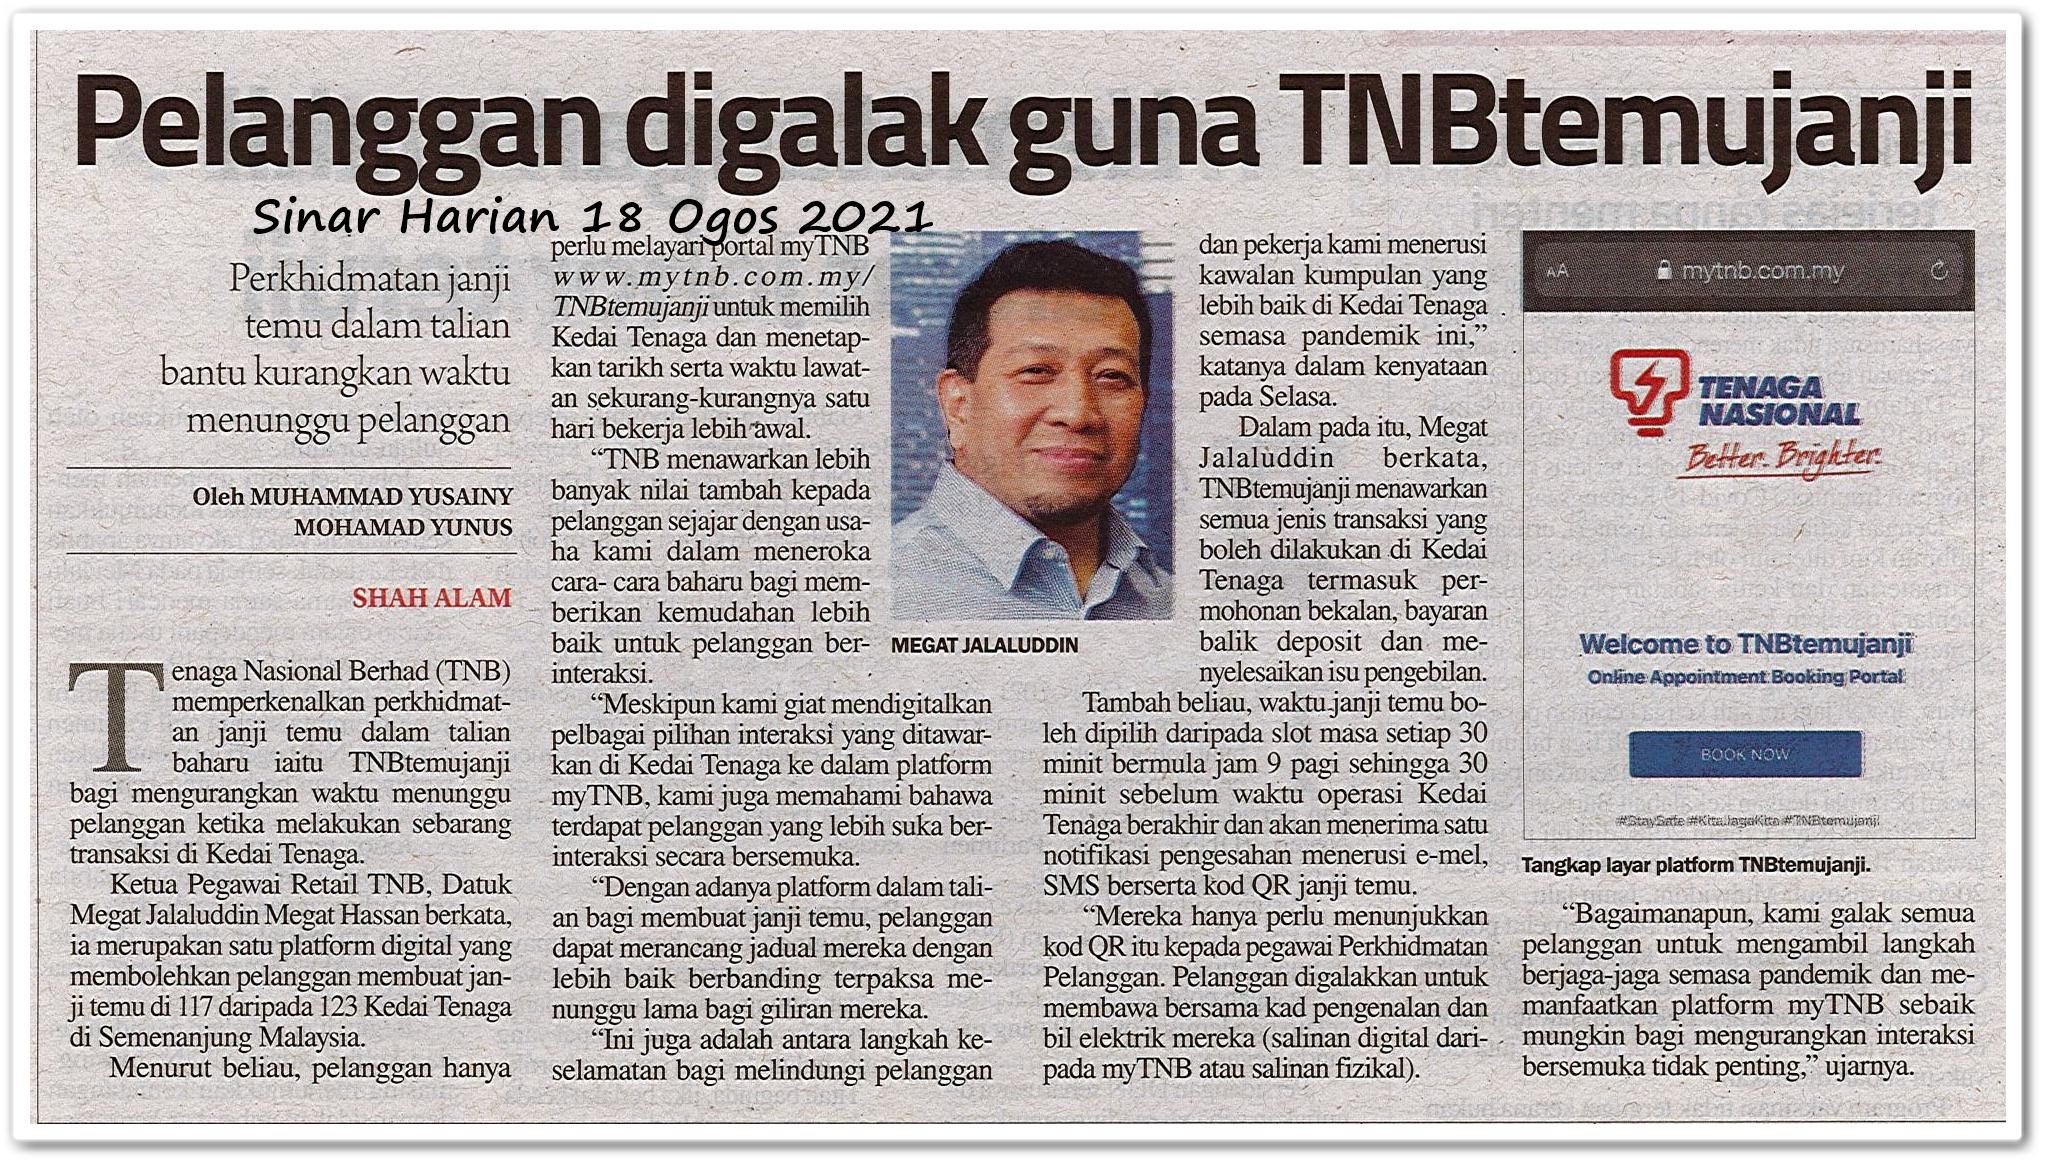 Pelanggan digalak guna TNBtemujanji - Keratan akhbar Sinar Harian 18 Ogos 2021